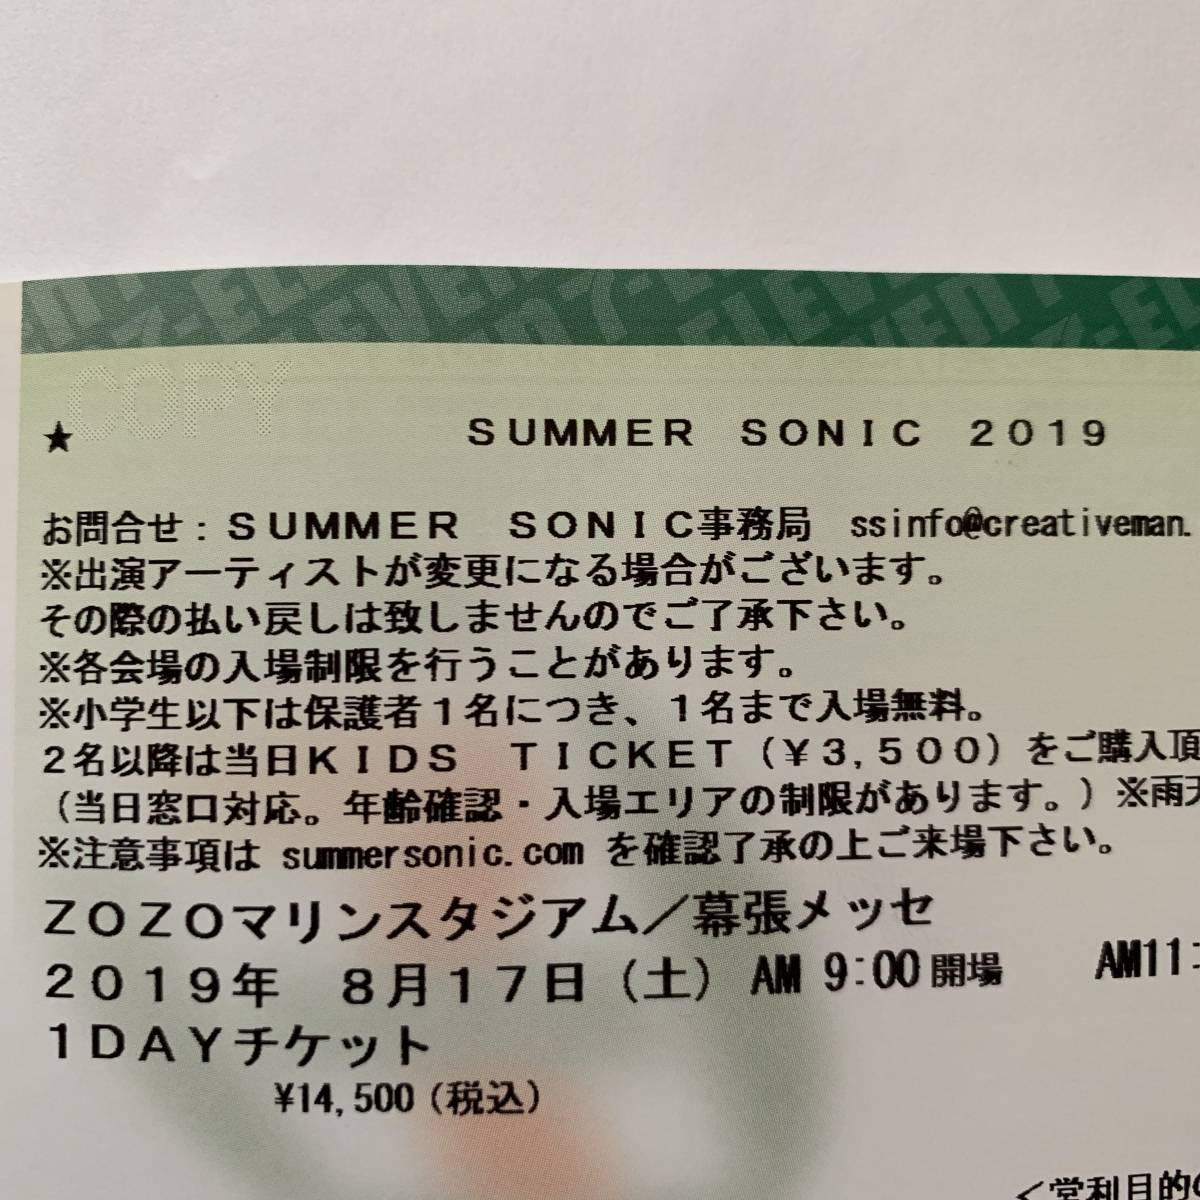 サマソニ SUMMER SONIC 2019 8月17日(土) 1DAYチケット 1枚 ZOZOマリン/幕張メッセ 送料込み